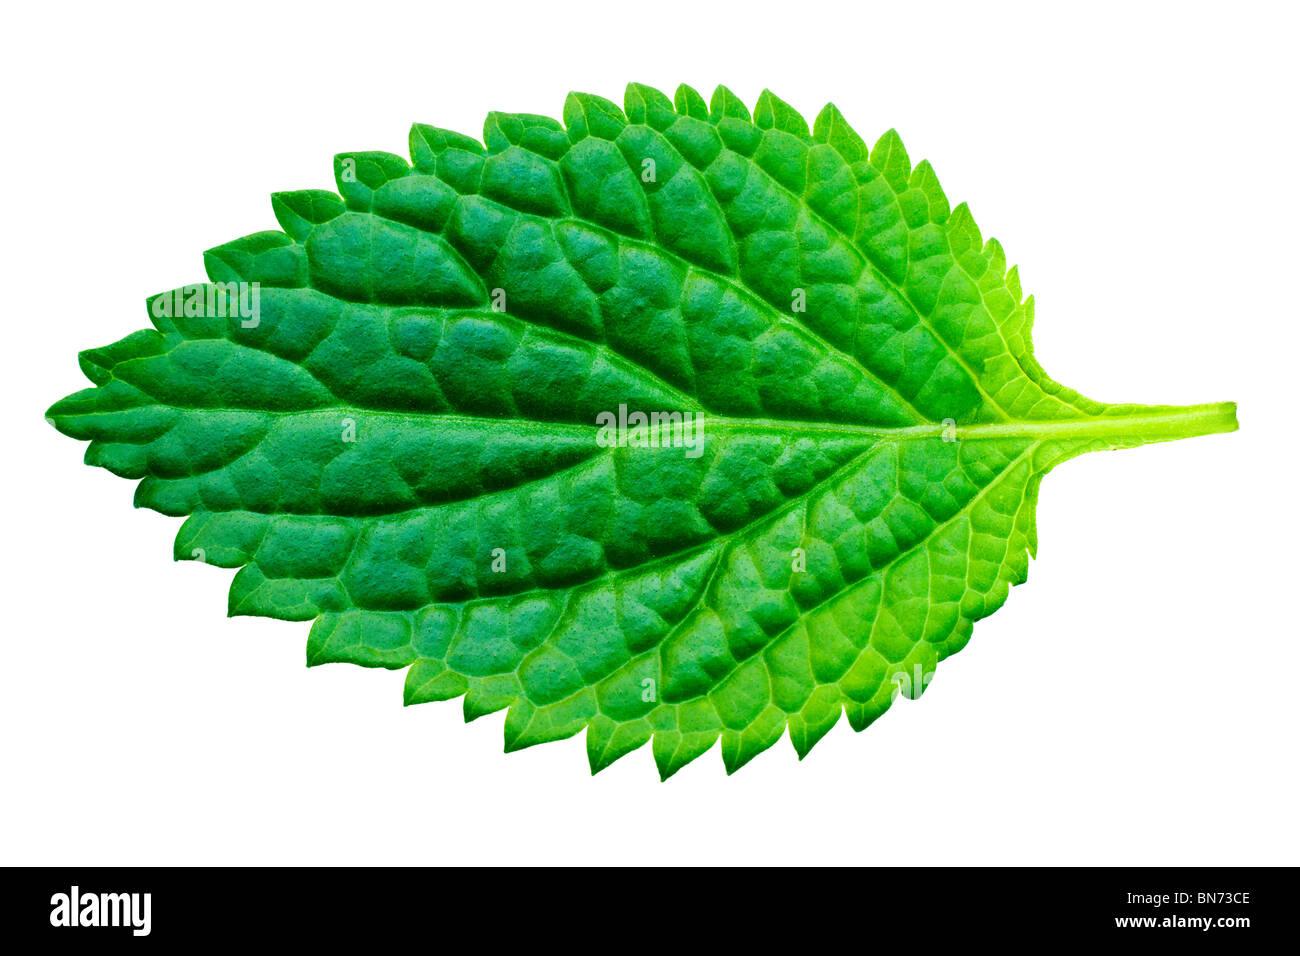 Einem schönen üppigen grünen Blatt. Weiß mit Beschneidungspfad isoliert. Stockbild